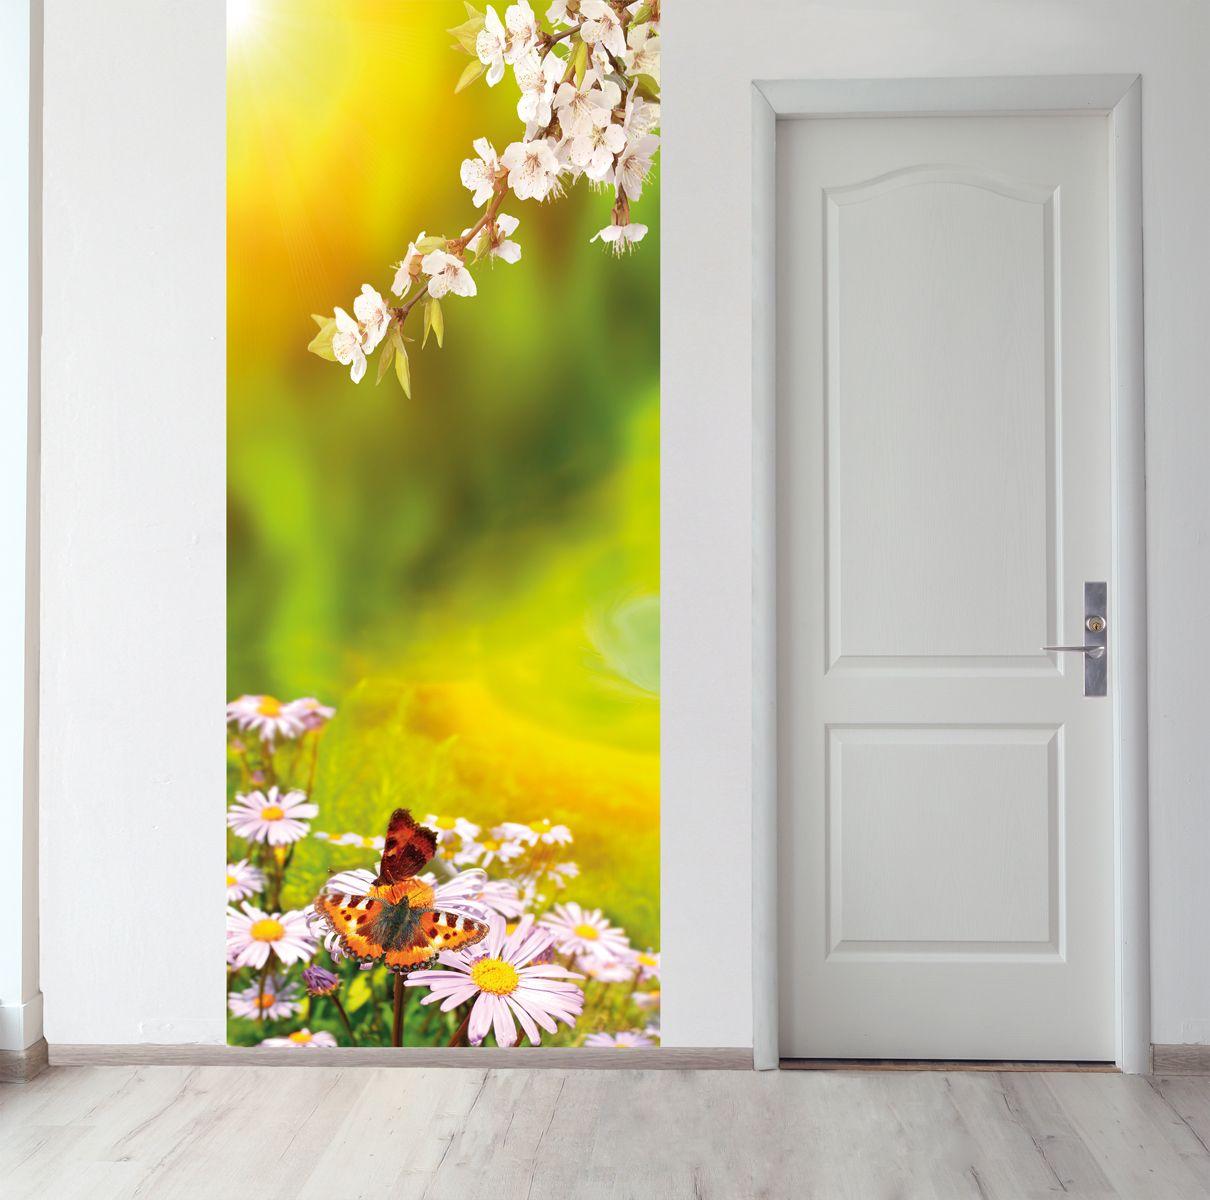 Панно на стену - Весна магазин Интерьерные наклейки